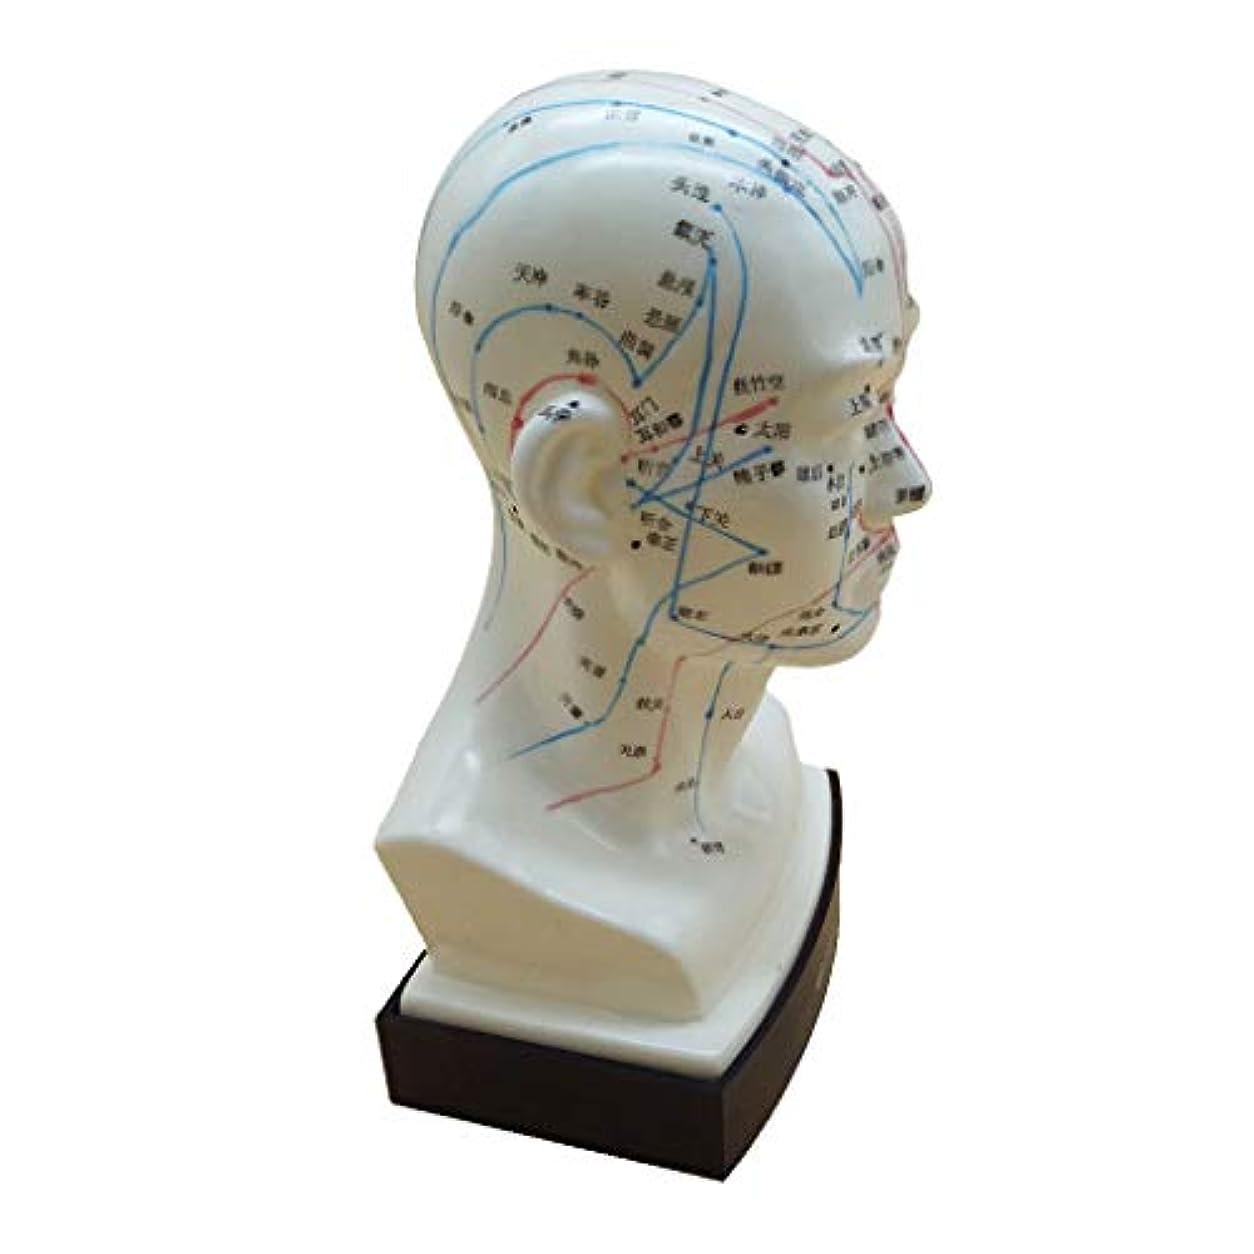 とても多くの人生を作るきしむマッサージ モデル 中国語 指圧ポイント 人間の頭 経絡モデル